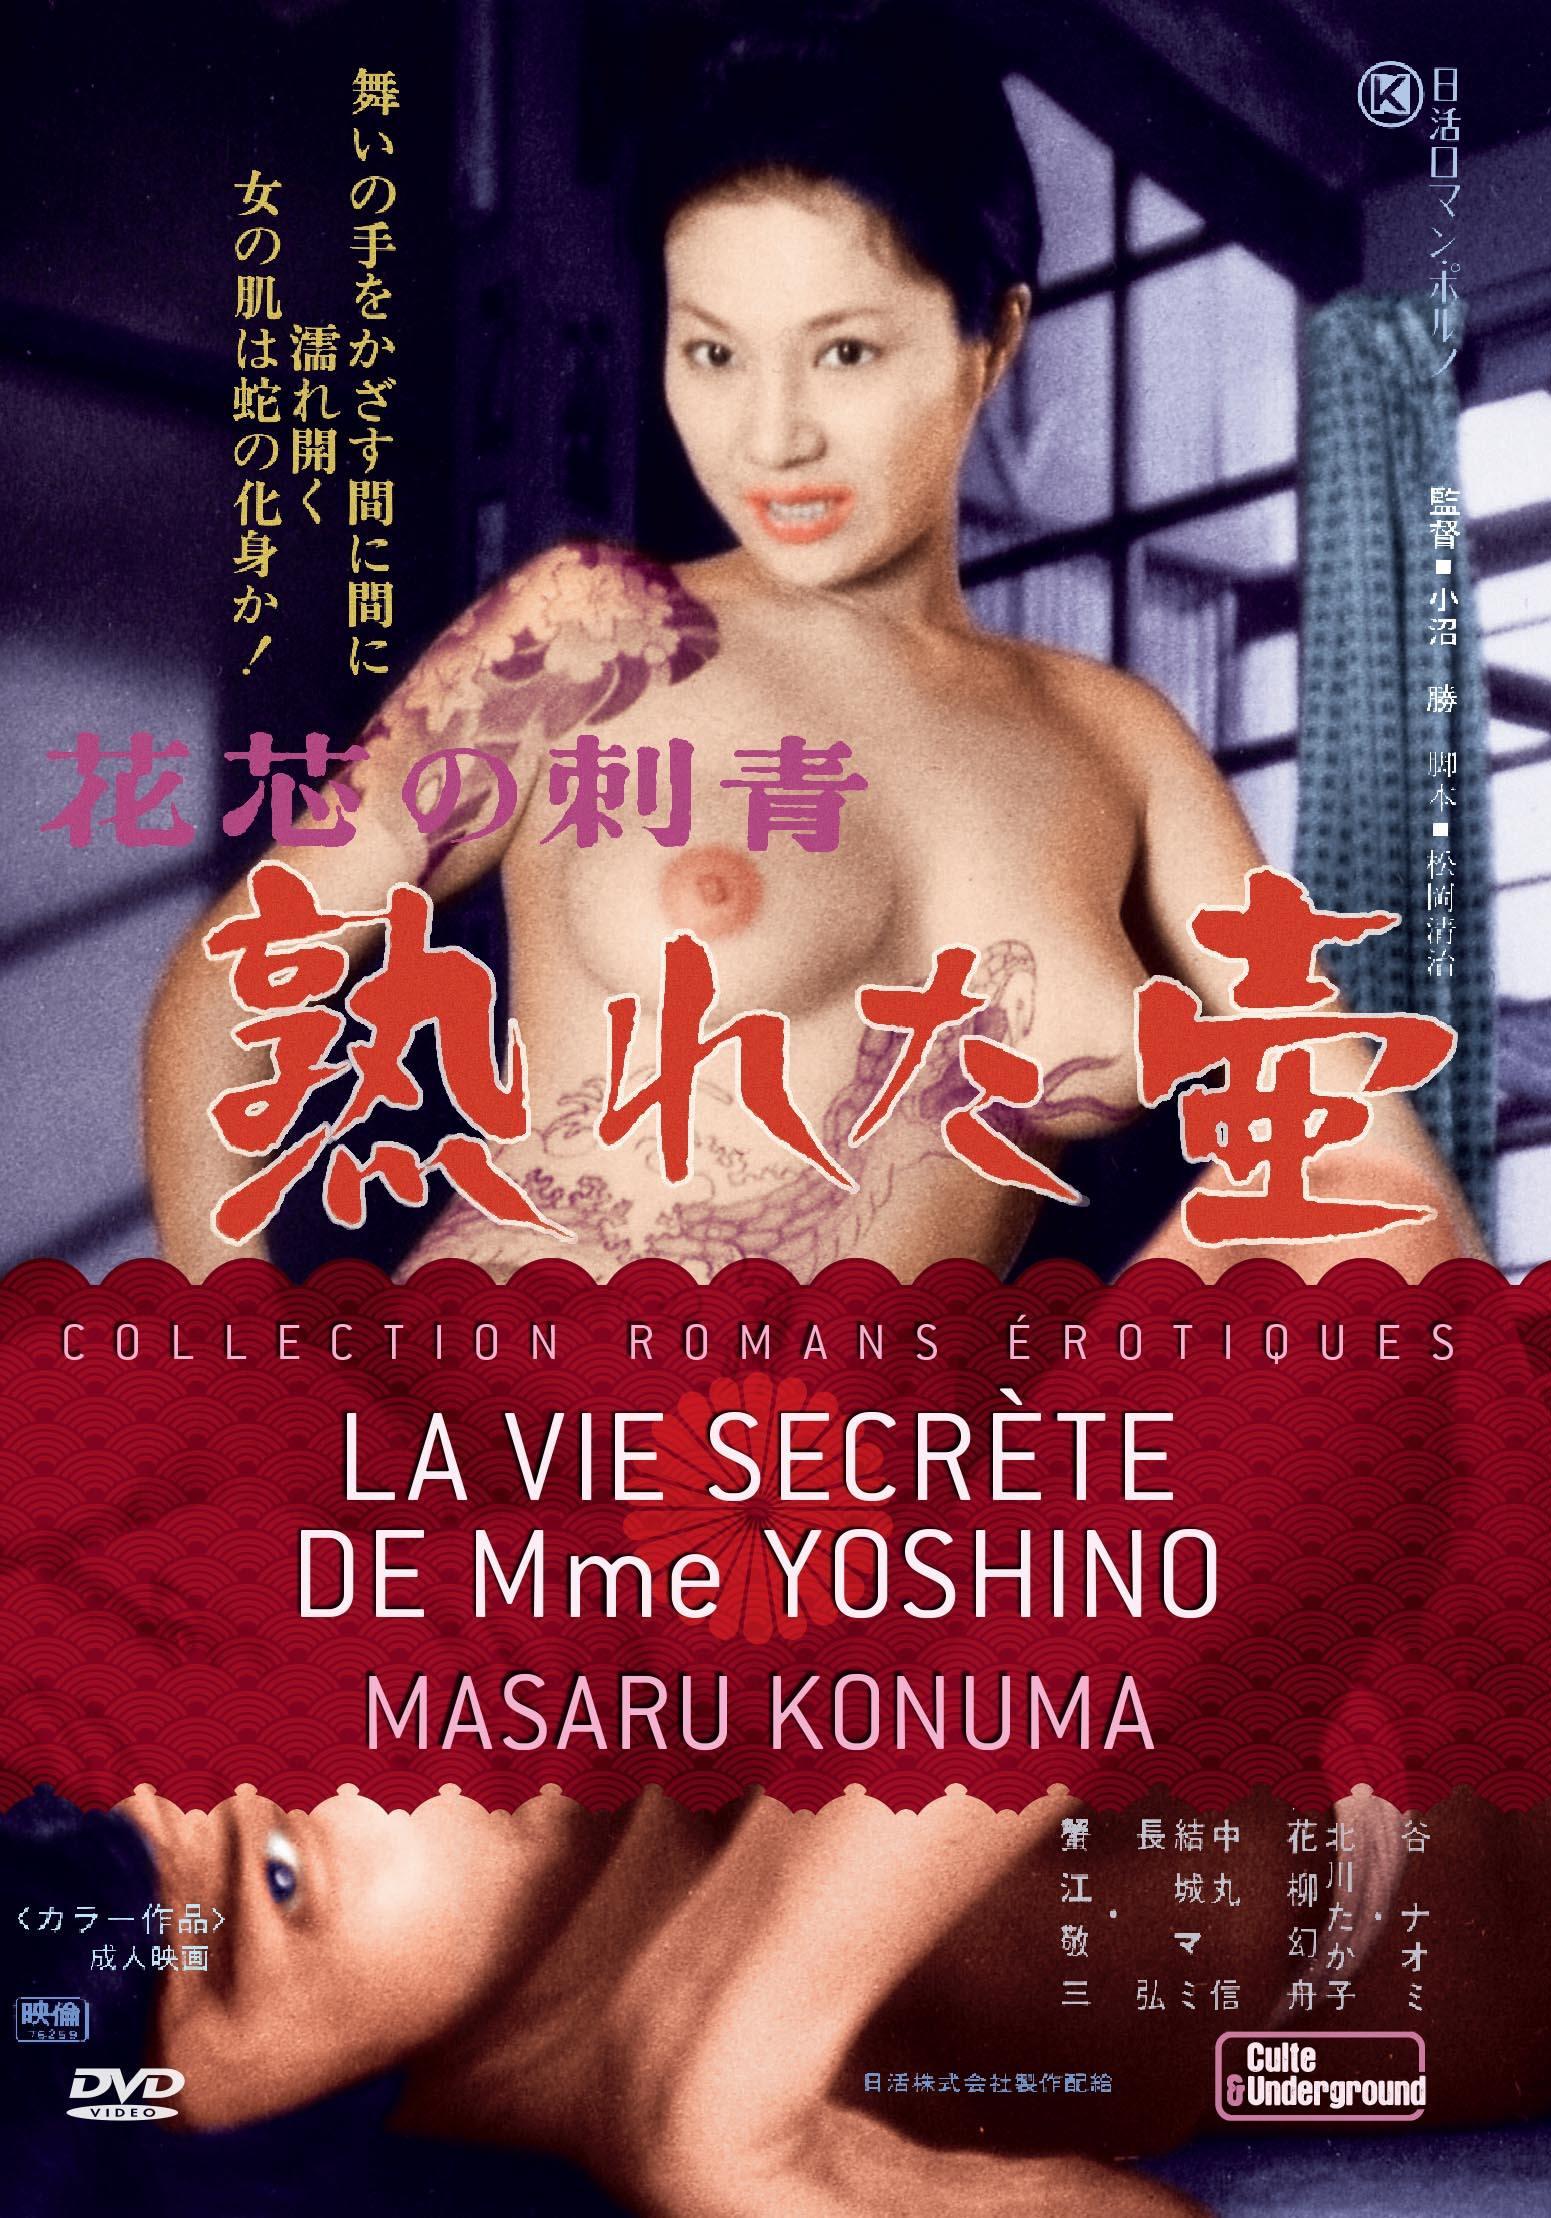 Vie secrete de madame yoshino (la) - dvd